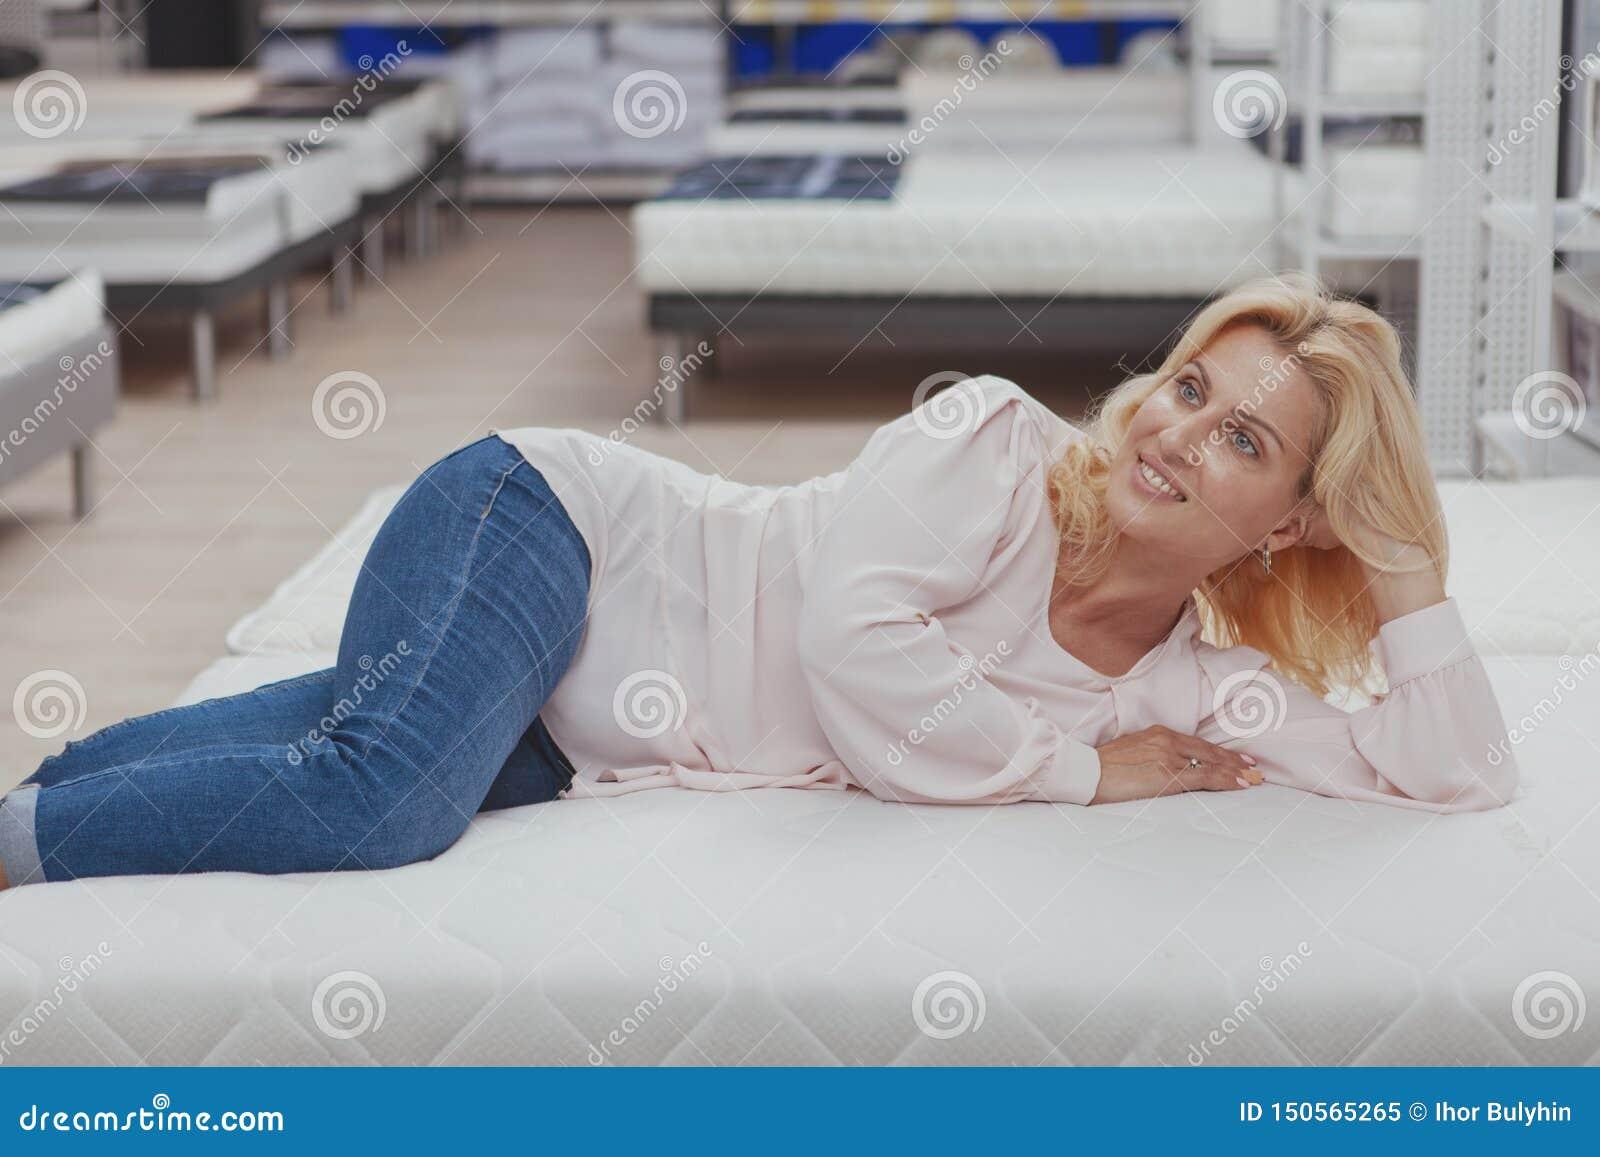 Πανέμορφη κομψή ώριμη γυναίκα που ψωνίζει για το νέο ορθοπεδικό κρεβάτι